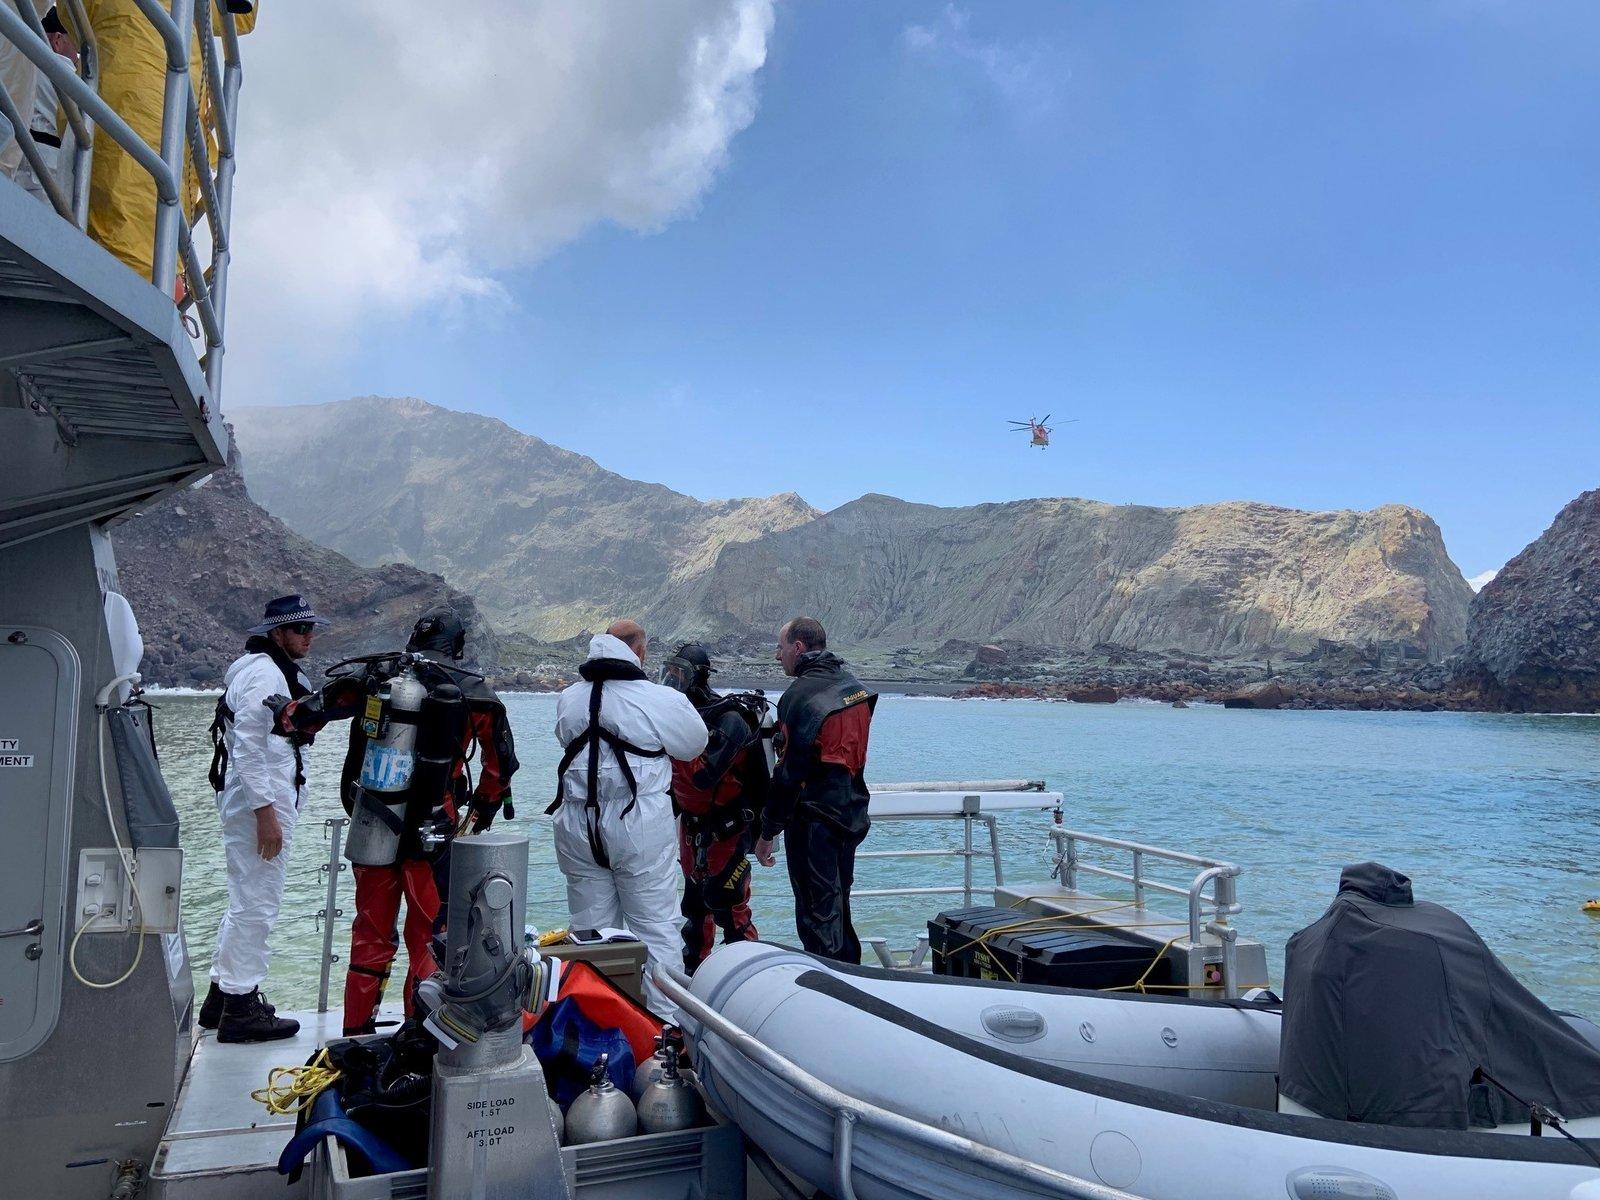 新西兰火山死亡人数上升至16人,搜救人员未能找到剩余尸体